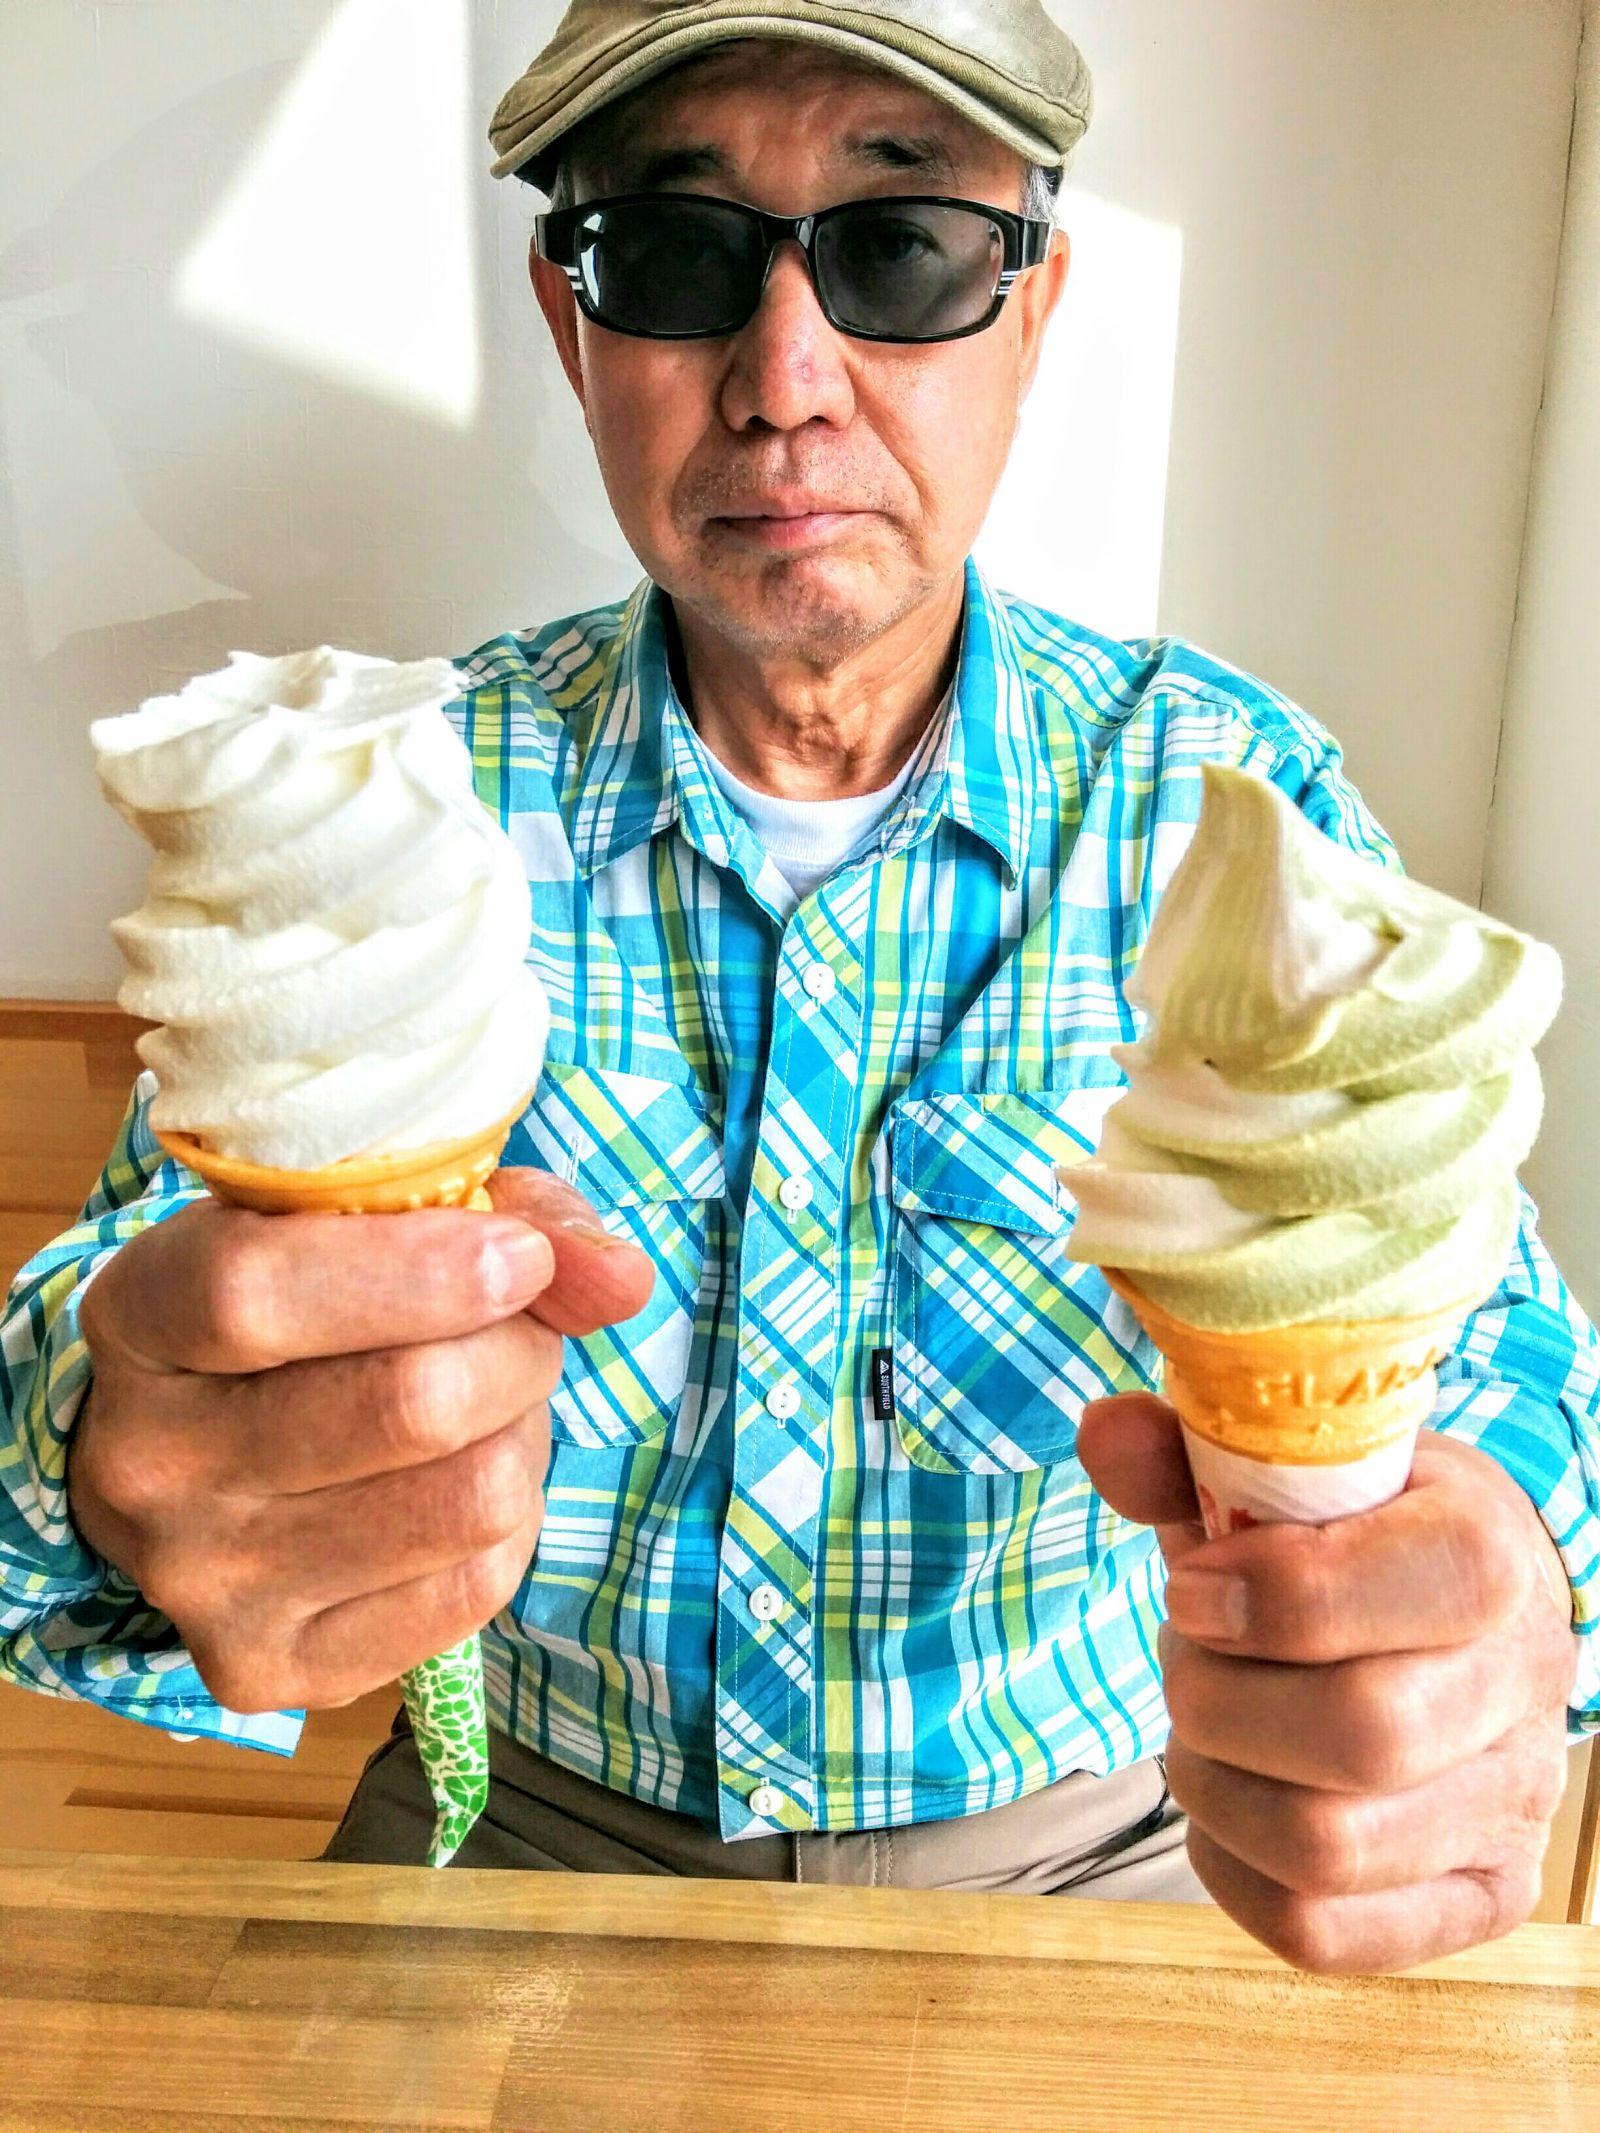 【キロロリゾート赤井川村】山中牧場ソフトクリーム観光グルメ案内です。